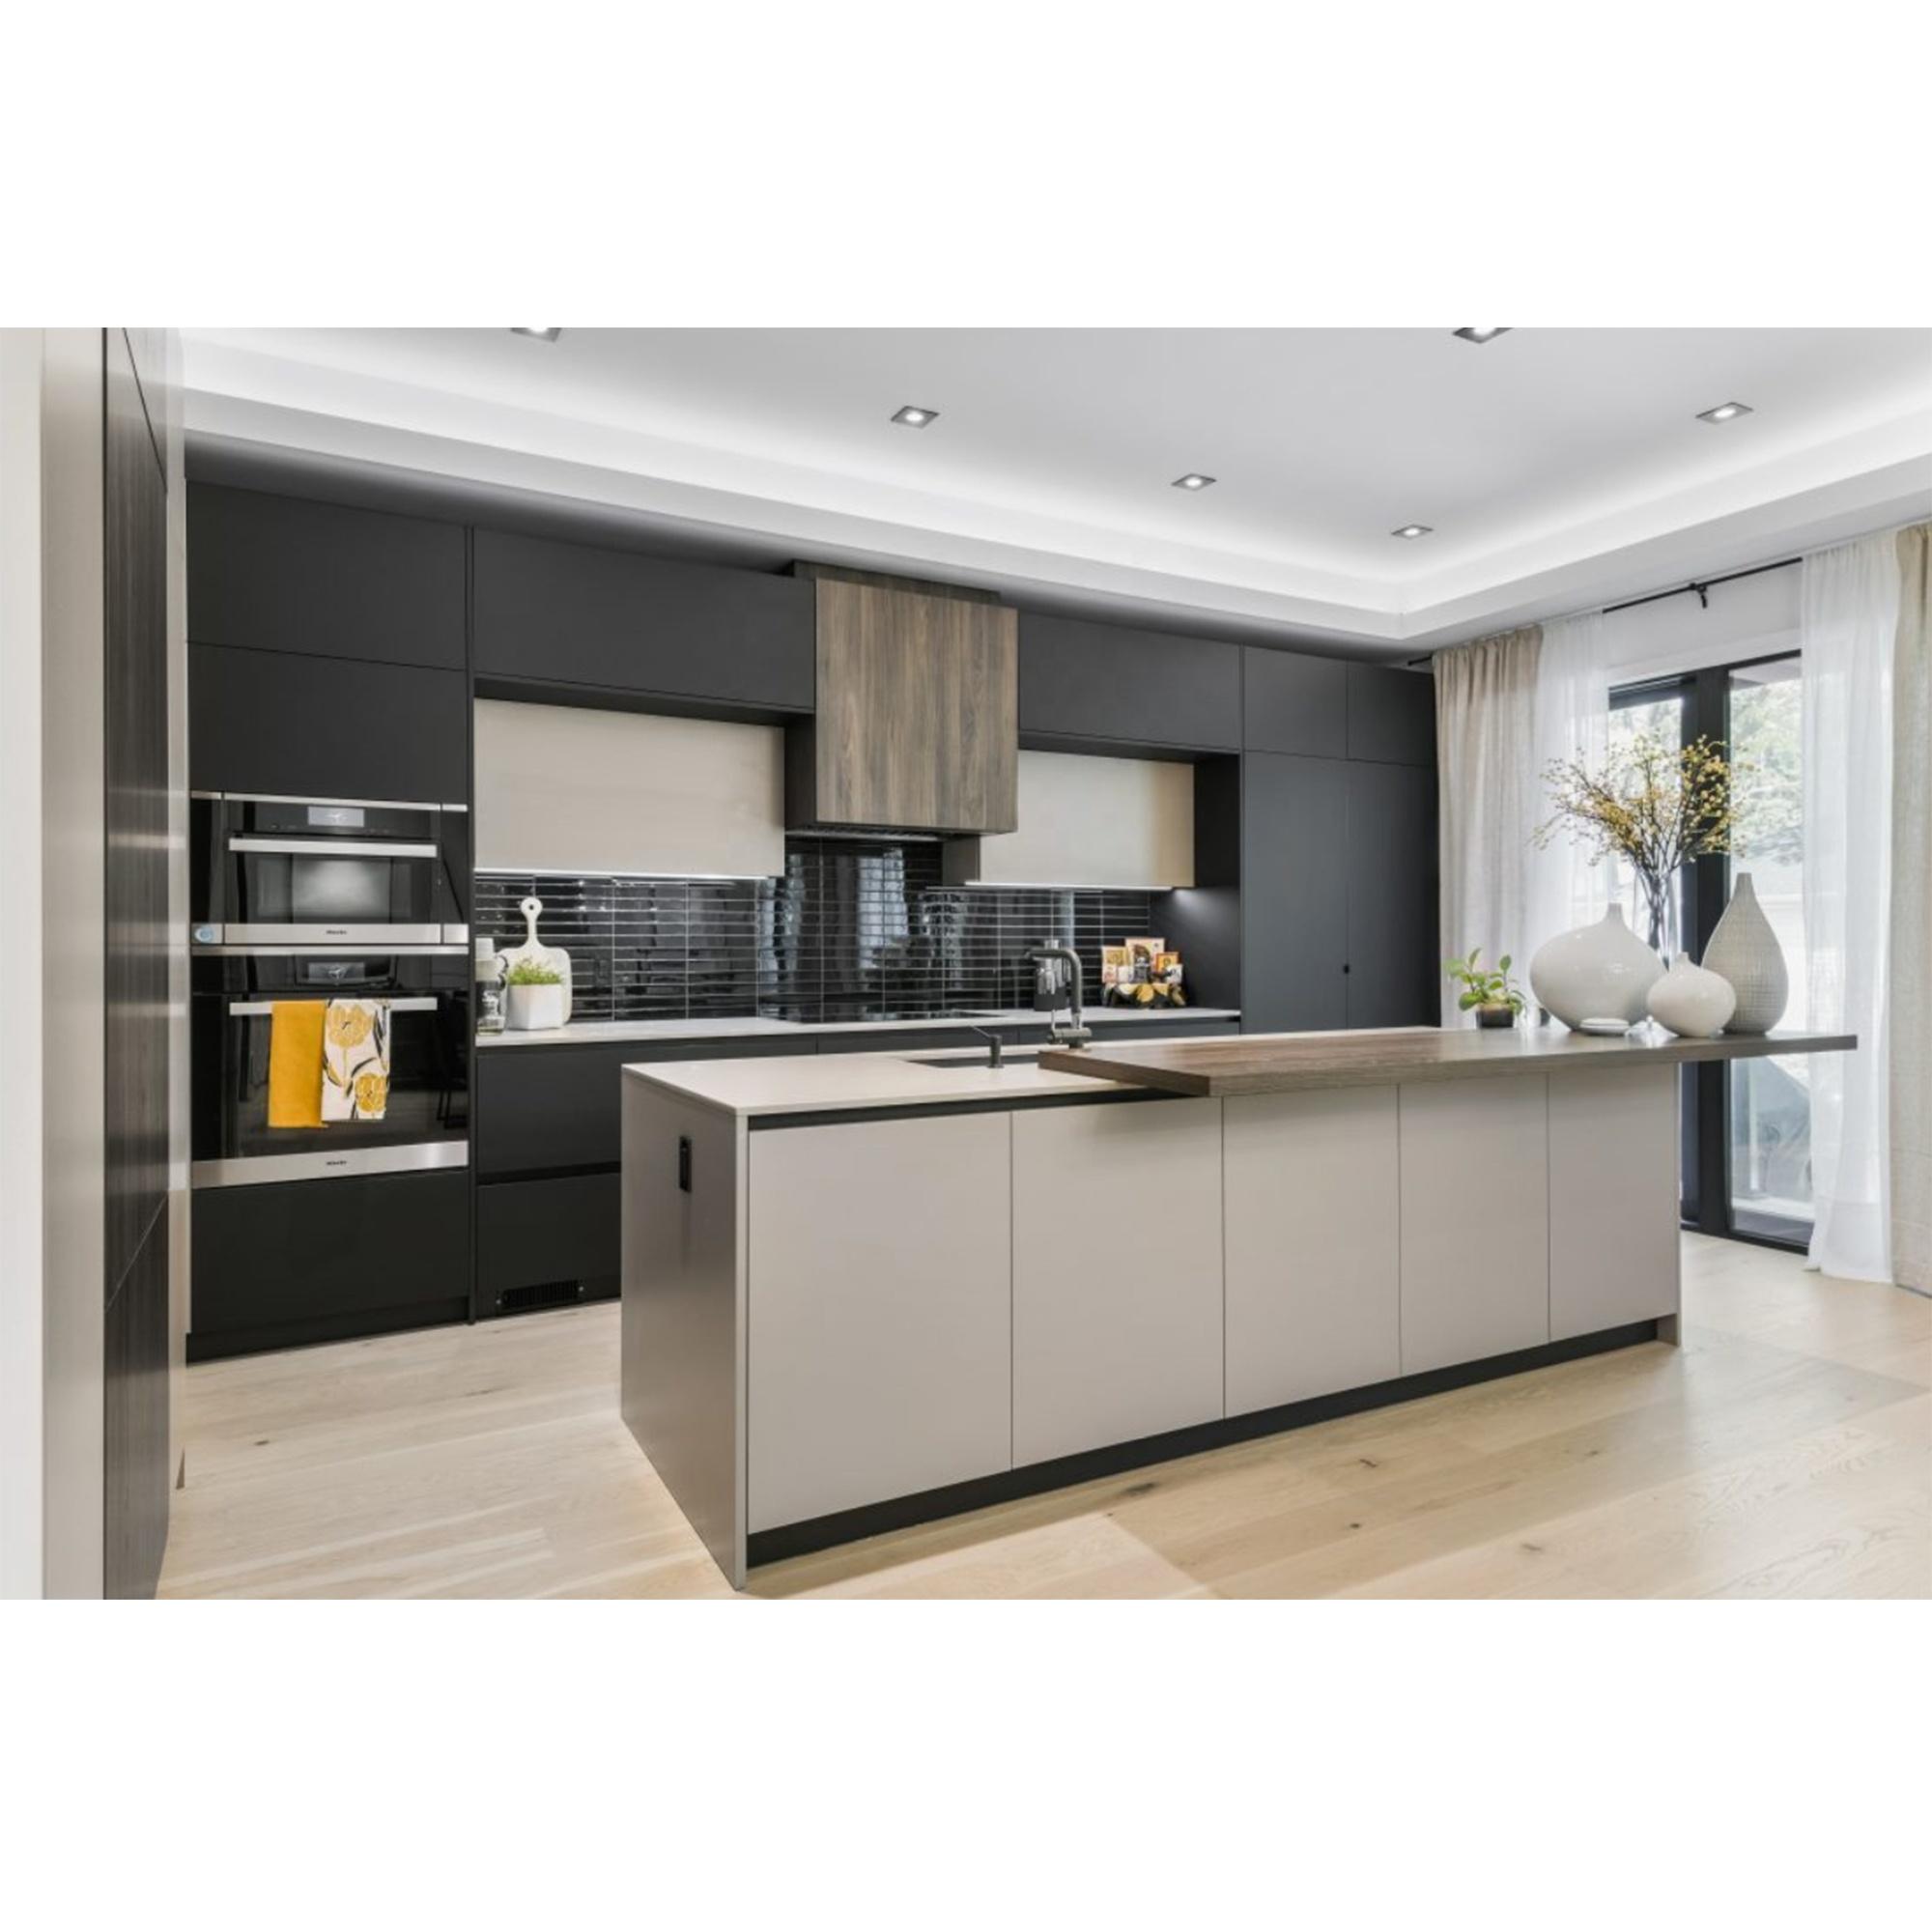 Nicocabinet New Modern Dark Light Grey Kitchen Cabinet Kitchen Furniture Modular Kitchen Buy High Quality Kitchen Design Aluminium Kitchen Cabinet